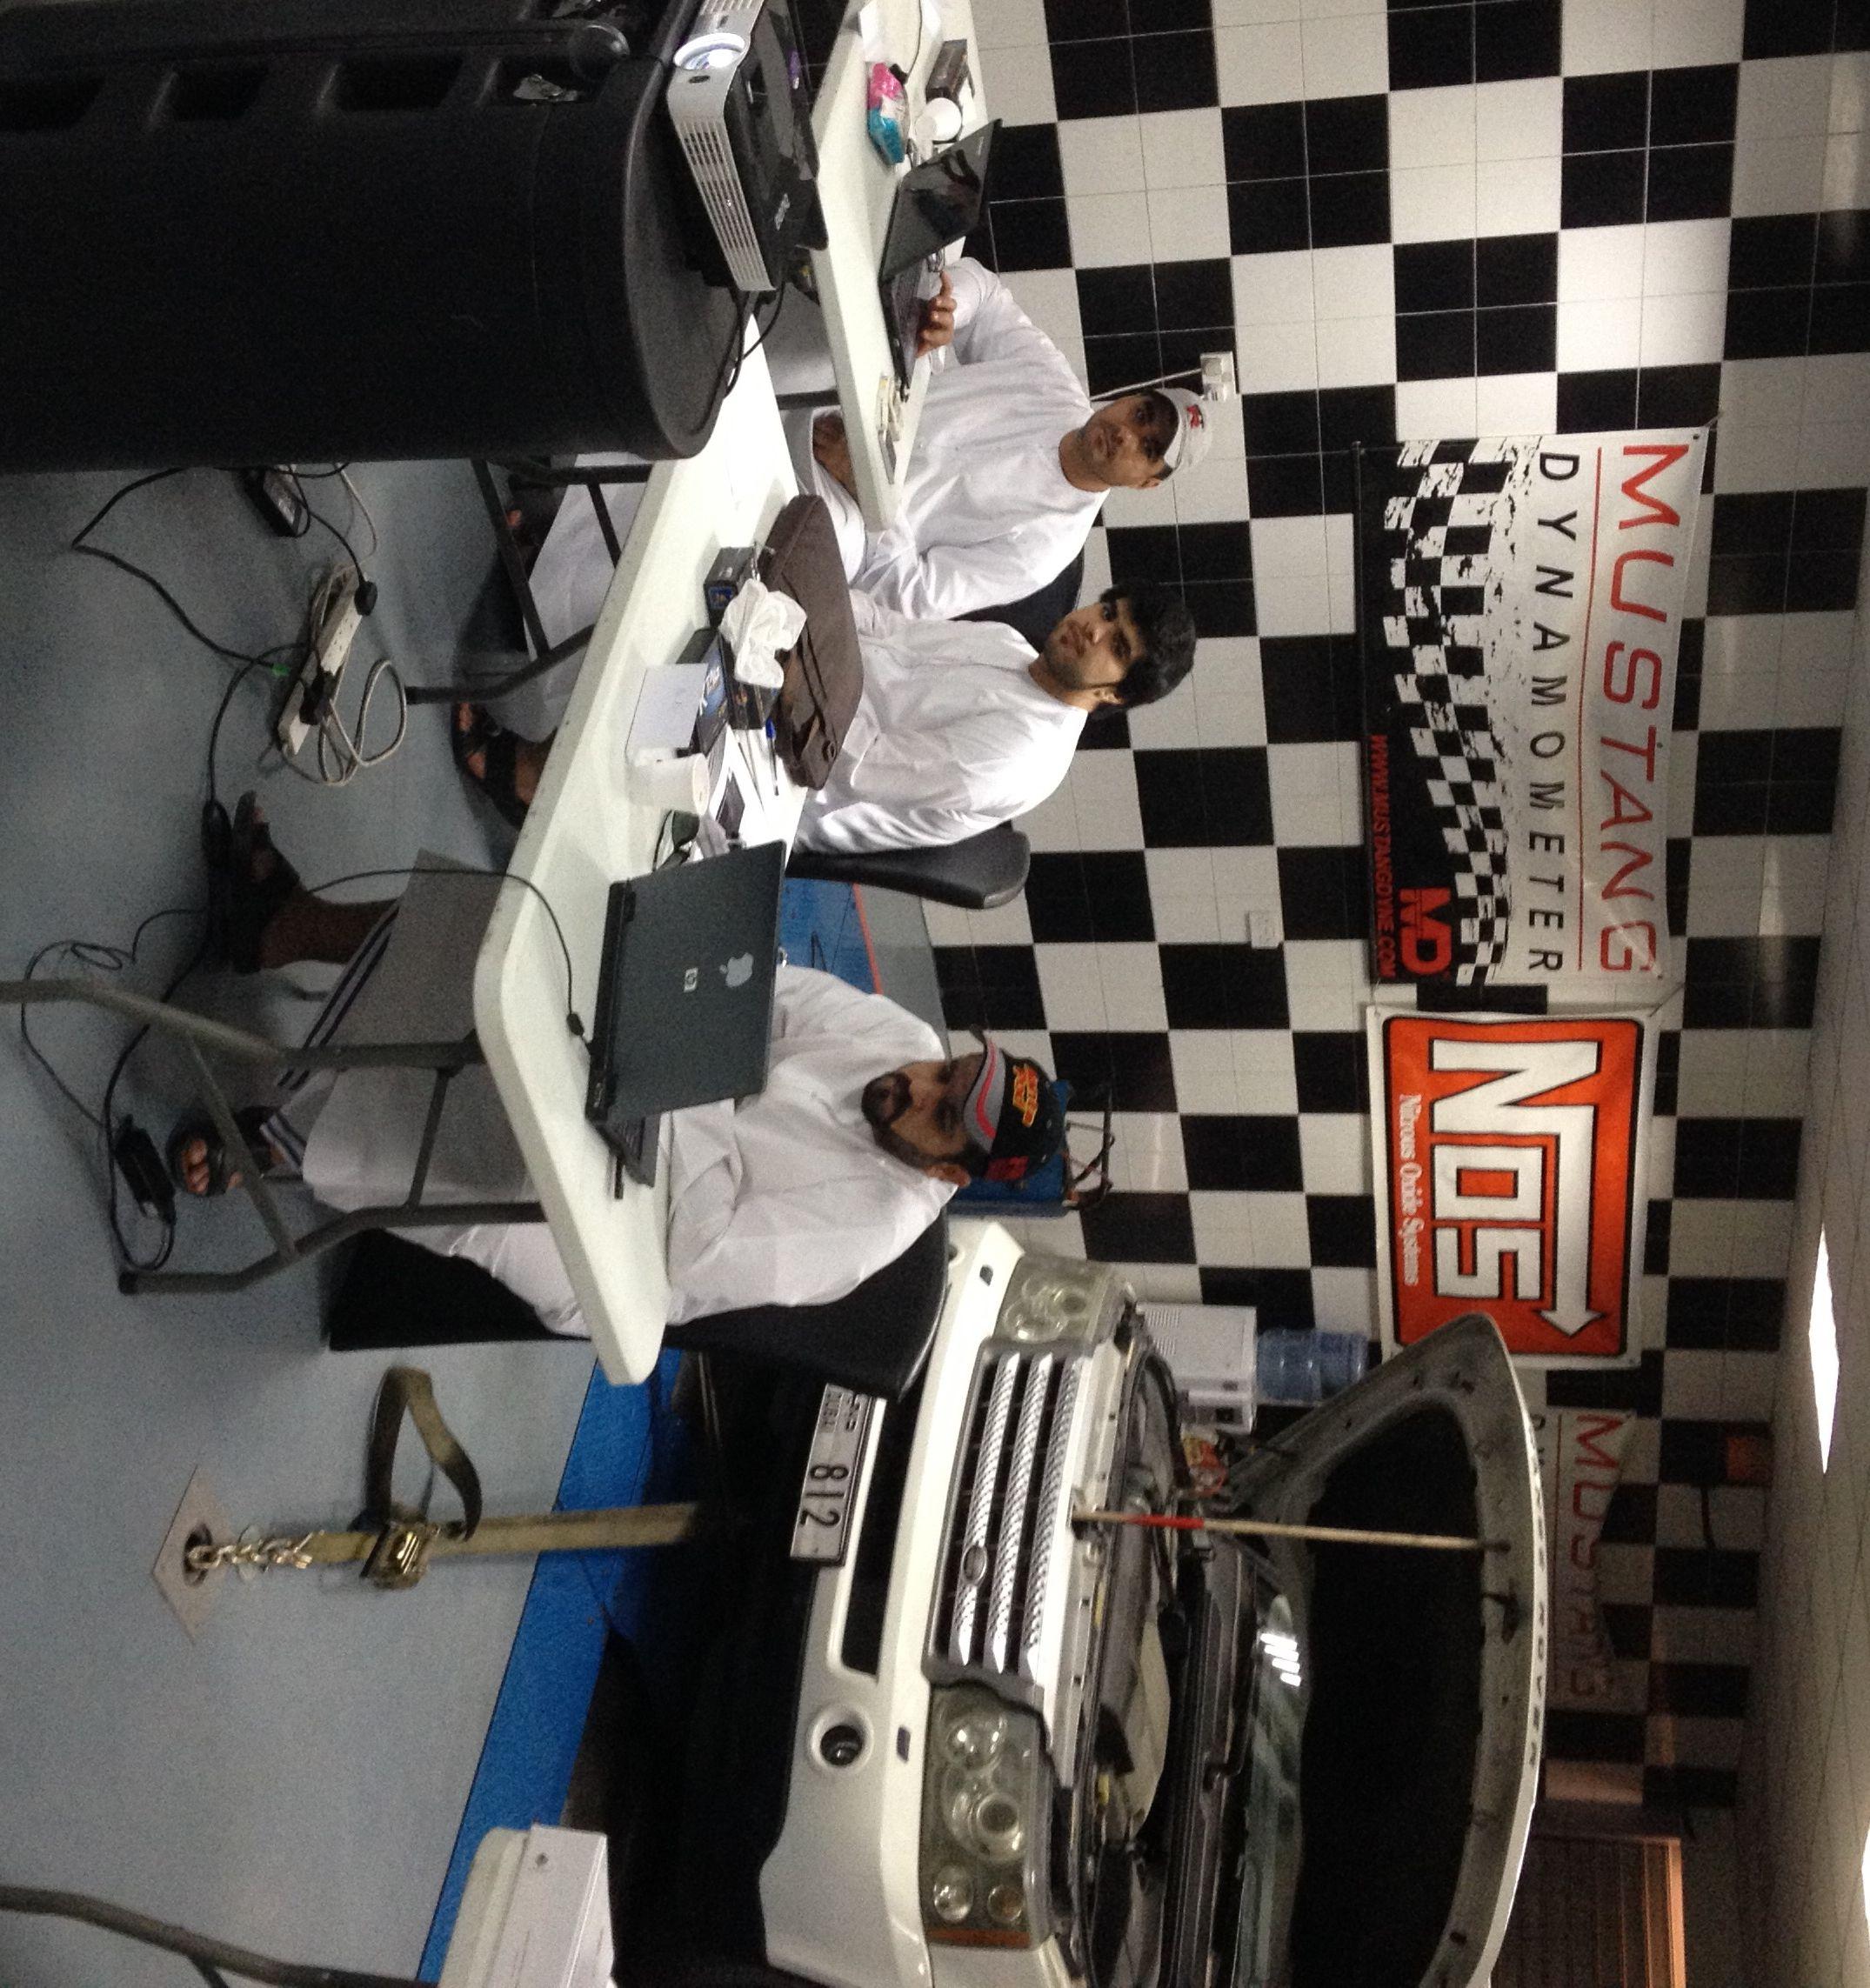 car tuning training and courses in Dubai | Dubai | Car